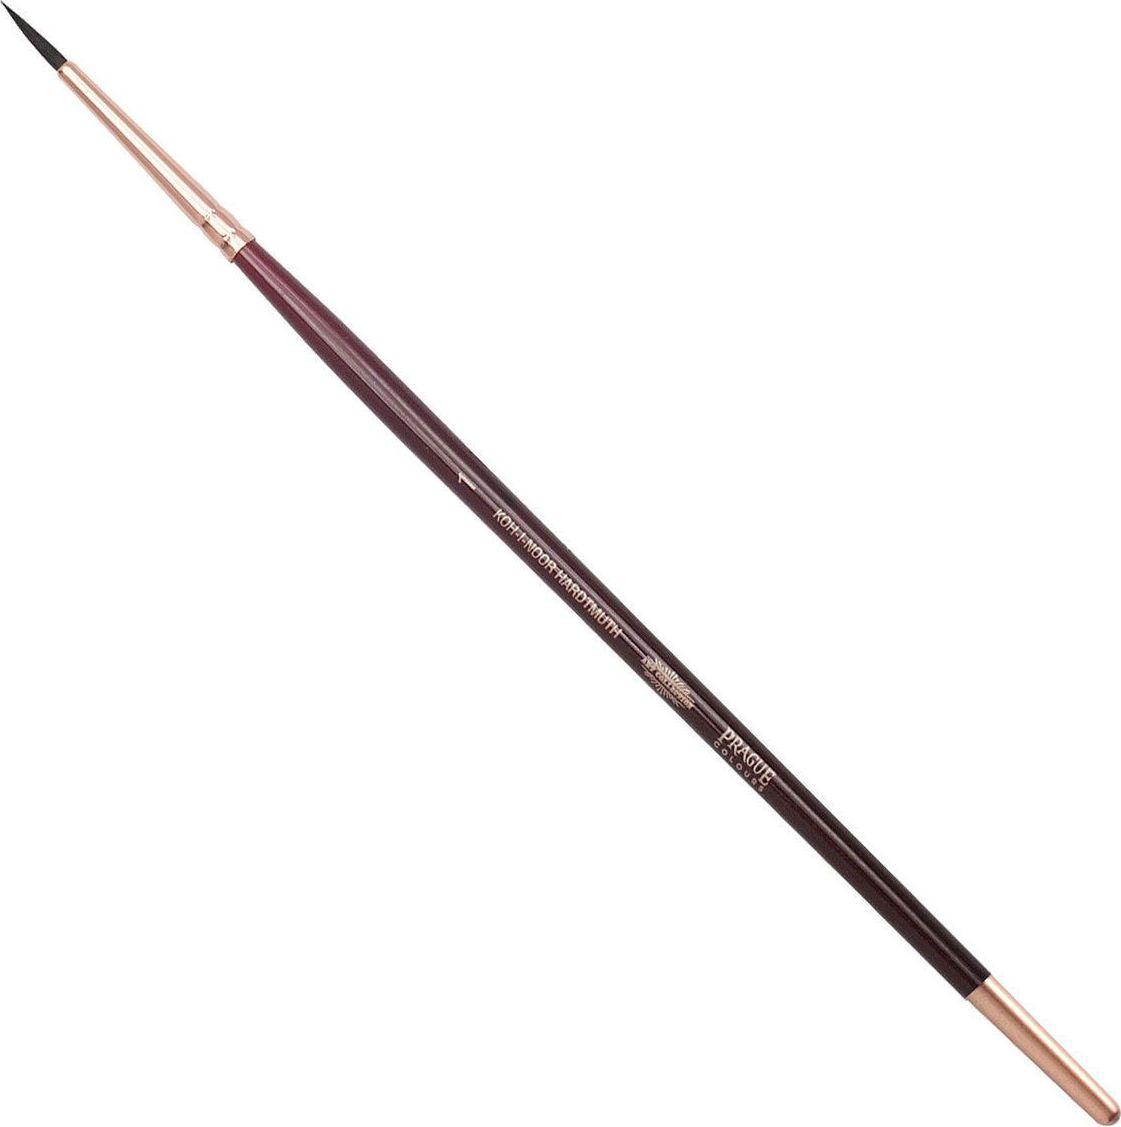 Koh-I-Noor Кисть белка круглая №1 короткая ручка200379Высококачественная кисть из натурального волоса белки. Волос прекрасно сохраняет форму, не ломается, впитывает влагу и хорошо моется под проточной струей воды. Подходит для акварели и индийских красок.